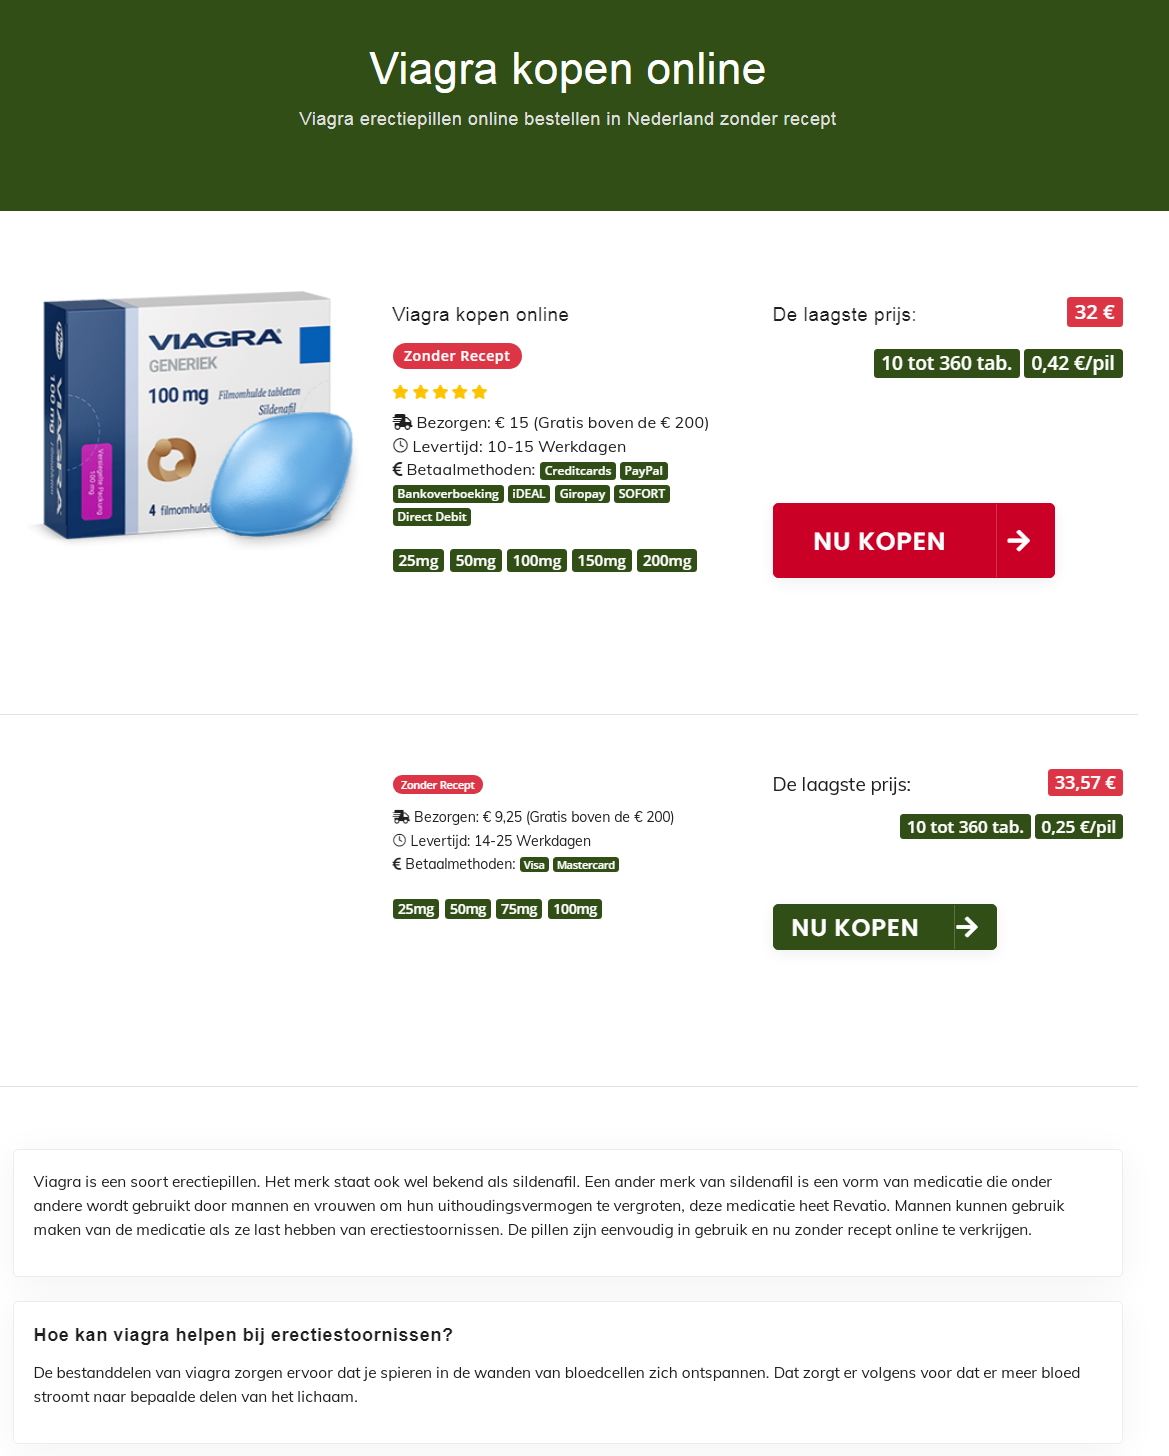 Медицинский копирайтинг на голландском: Viagra kopen online